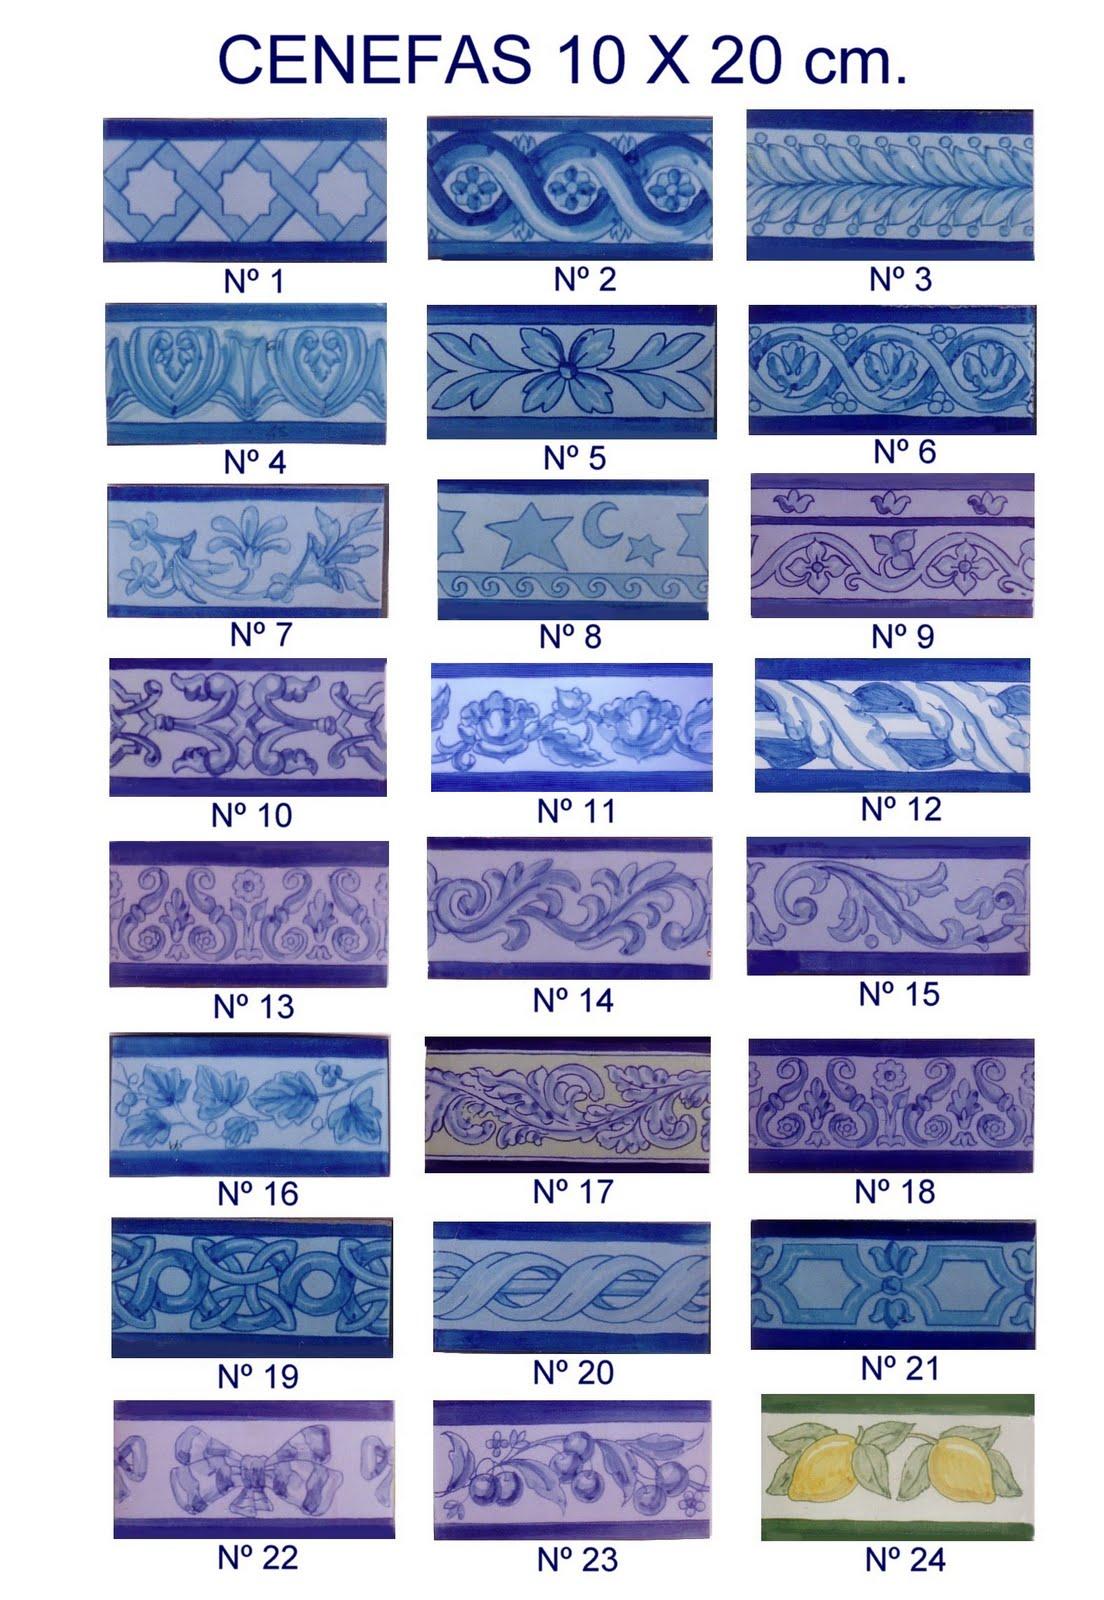 Catálogo de Azulejos y Cenefas